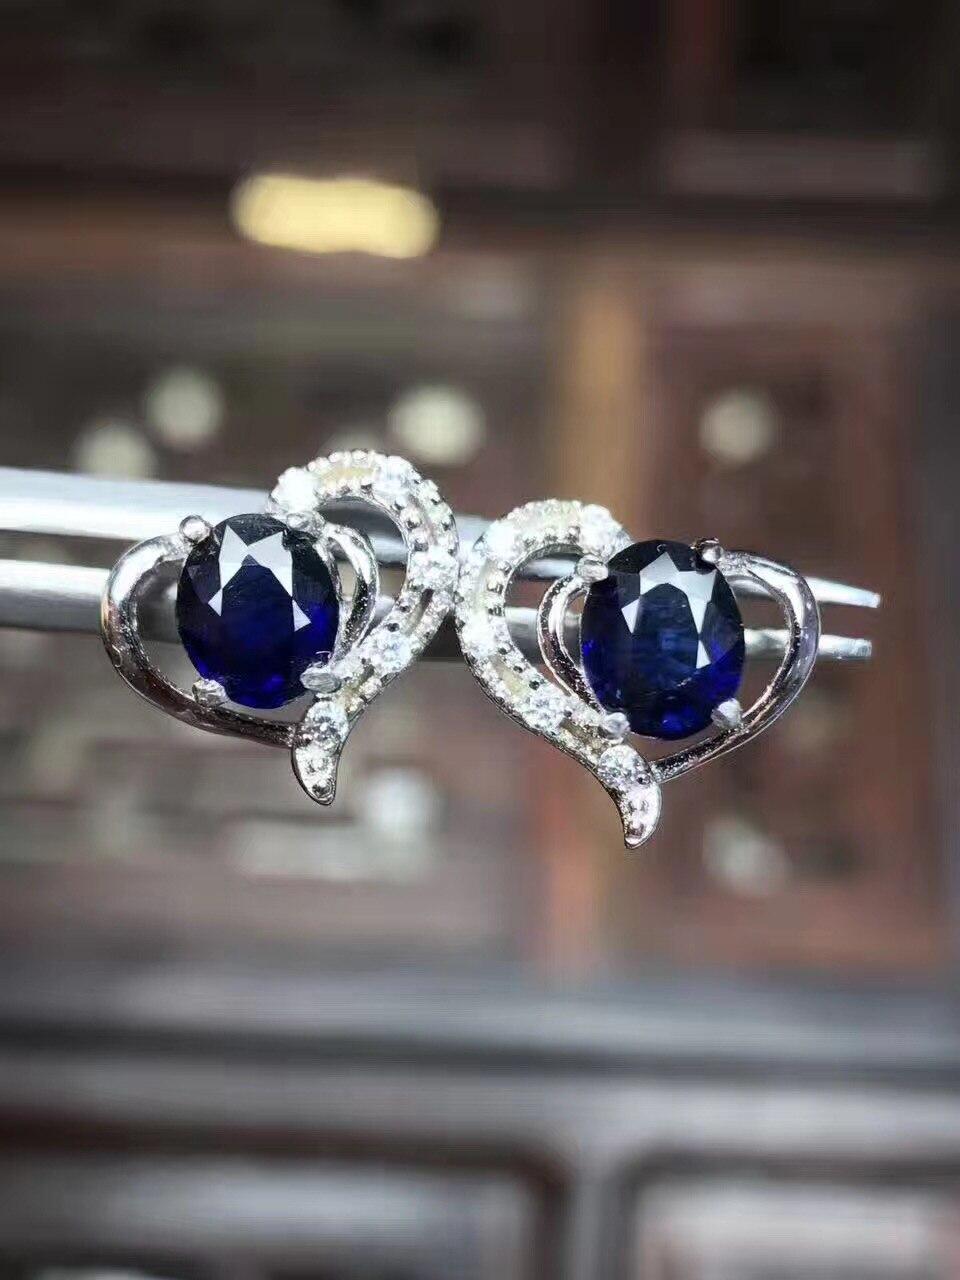 Sapphire stud oorbel Voor mannen of vrouwen Natuurlijke echte saffier 925 sterling zilver 4*5mm 2 stks edelsteen - 6